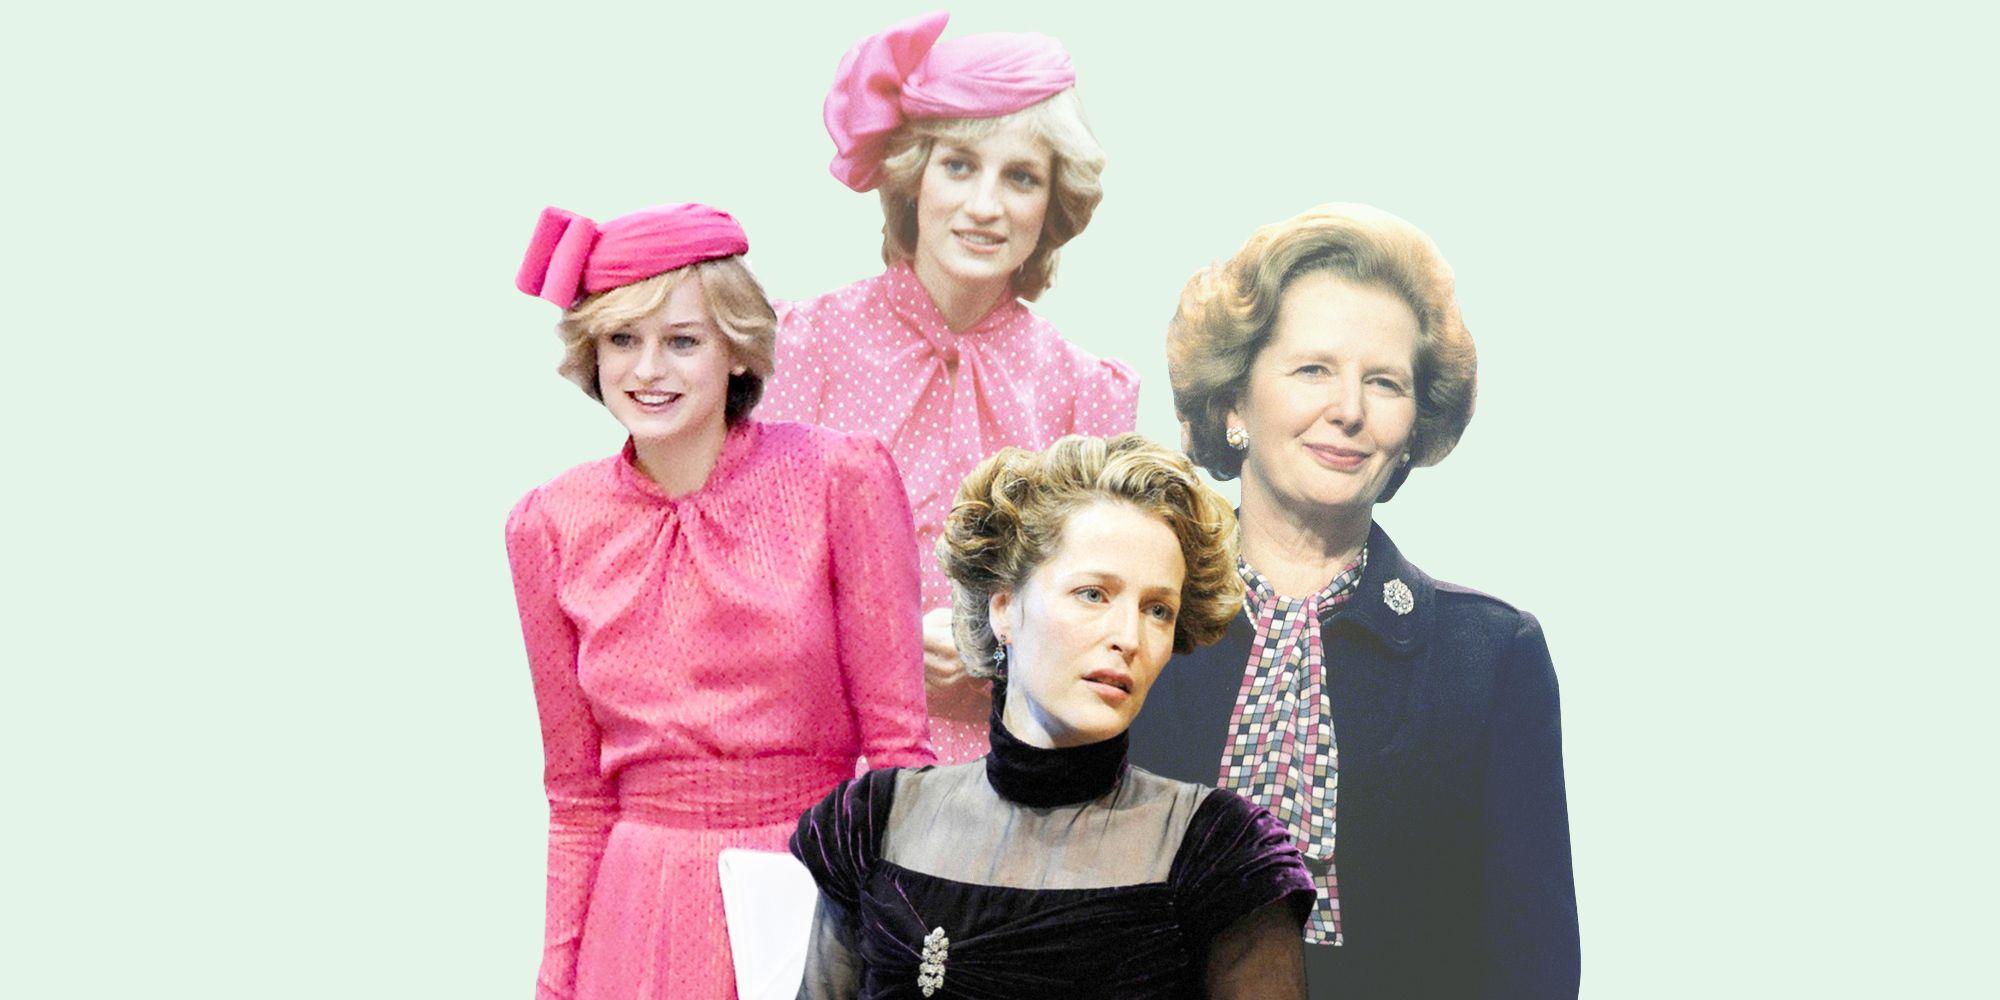 Diana hercegnő és Margaret Thatcher: az első kedvcsináló a The Crown új évadához. Videó